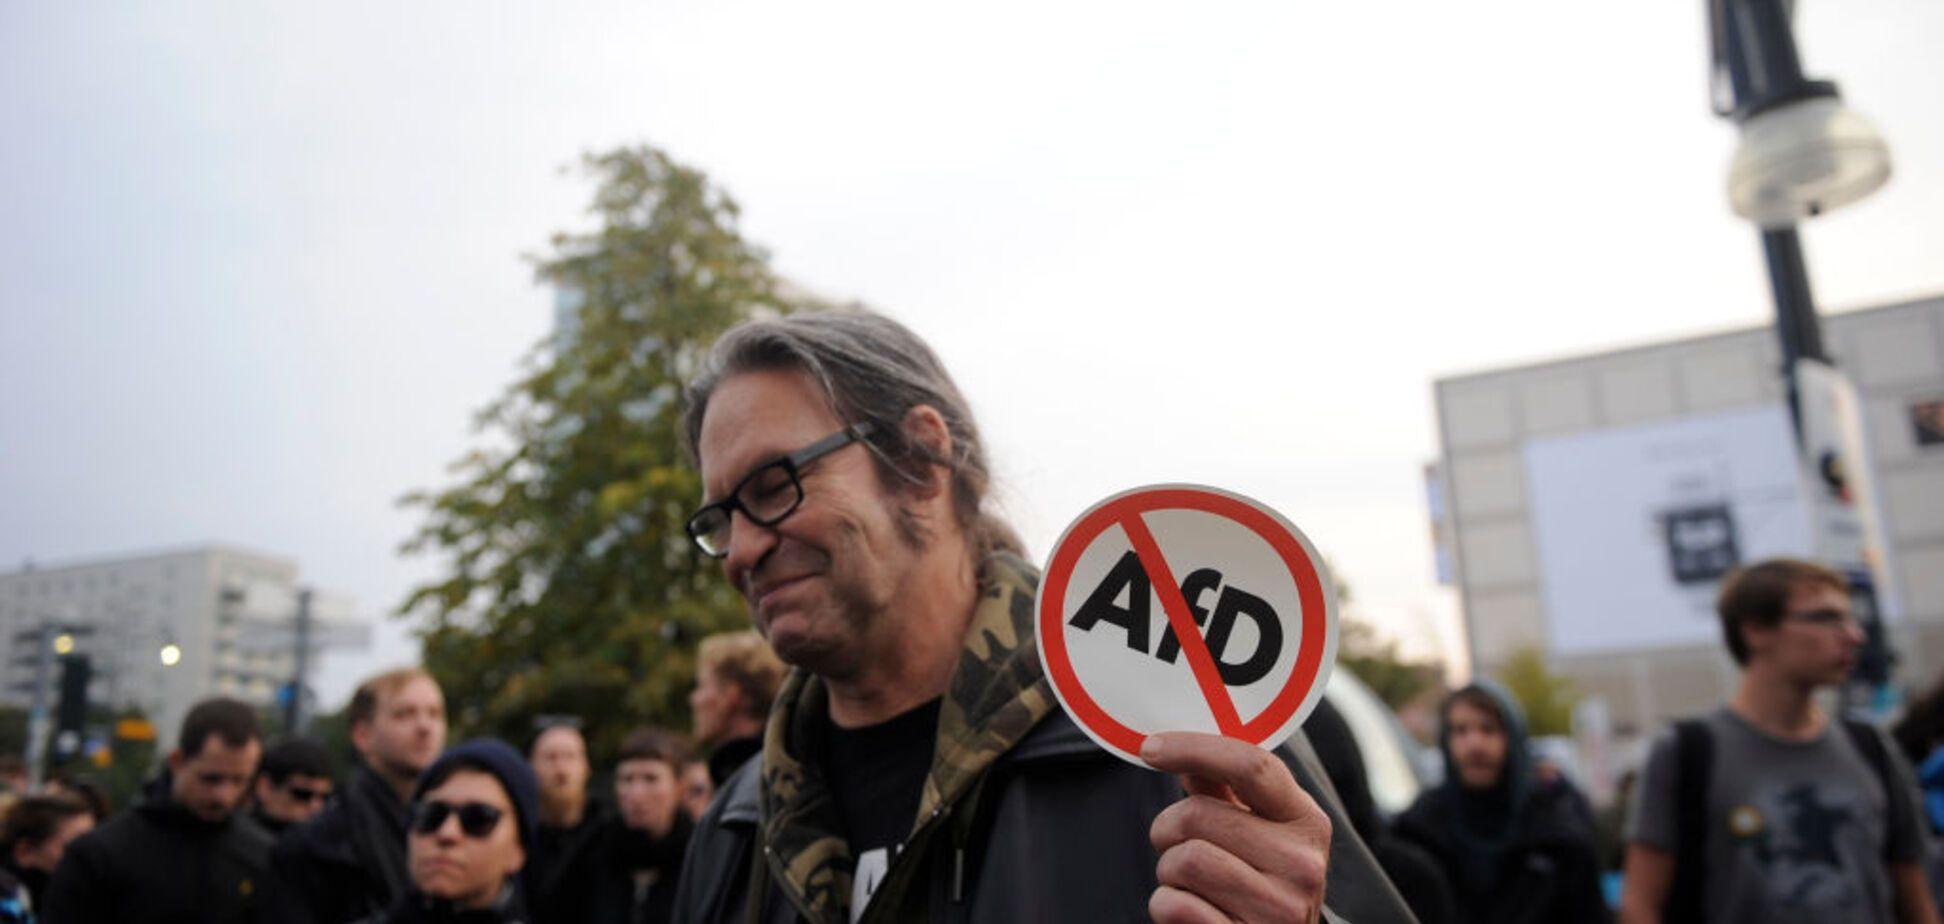 'Мигранты и извращения': ультраправые в Германии использовали русскоязычную агитацию